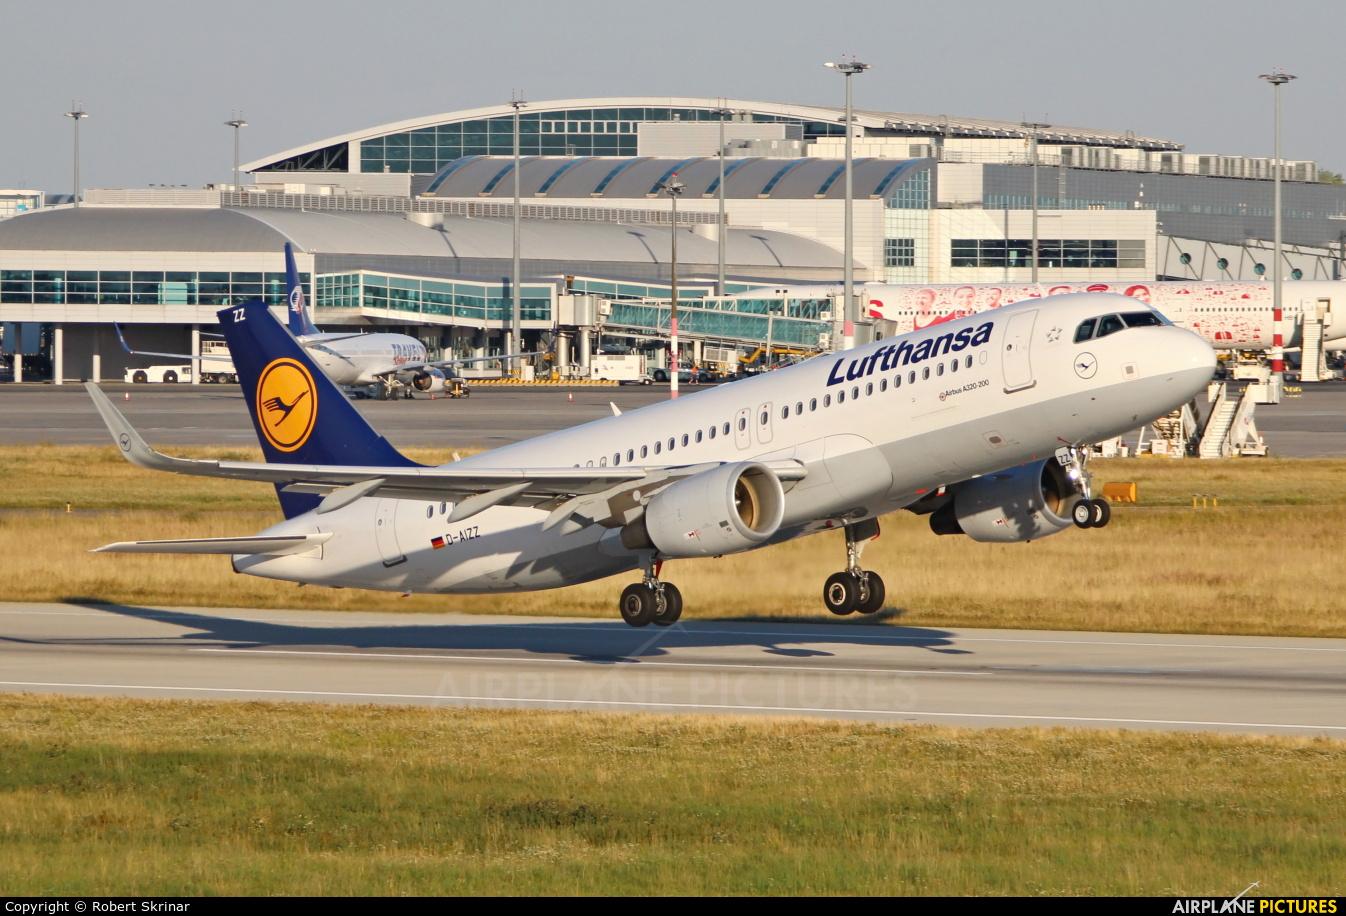 Lufthansa D-AIZZ aircraft at Prague - Václav Havel